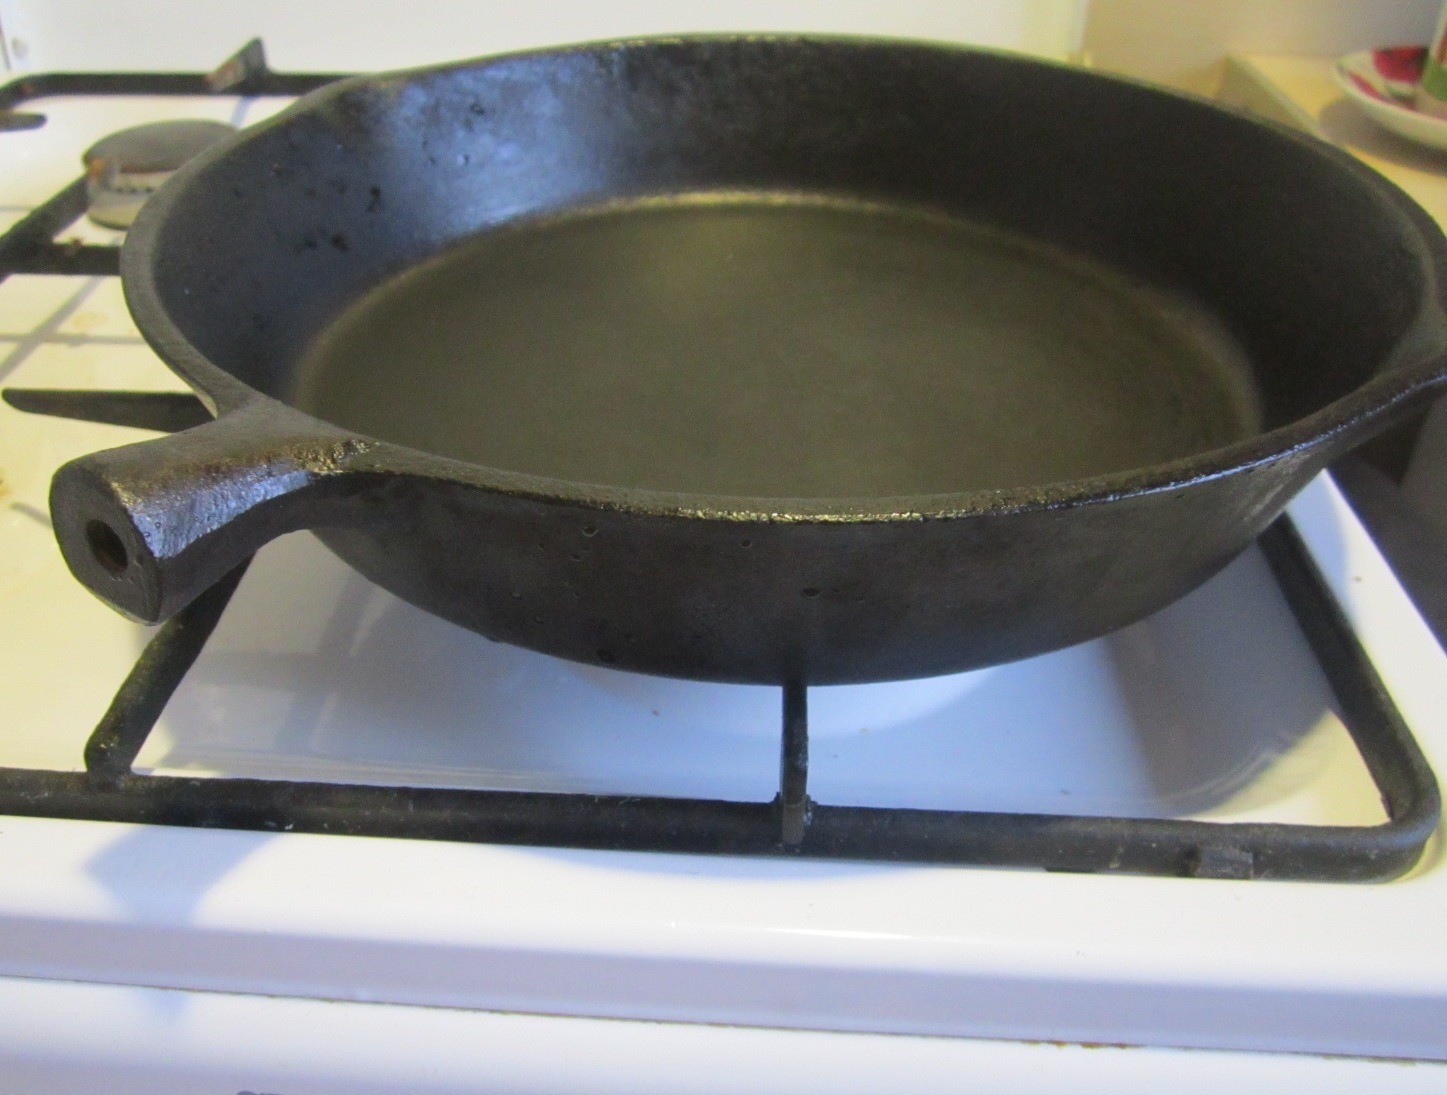 очистка сковороды от заводской смазки